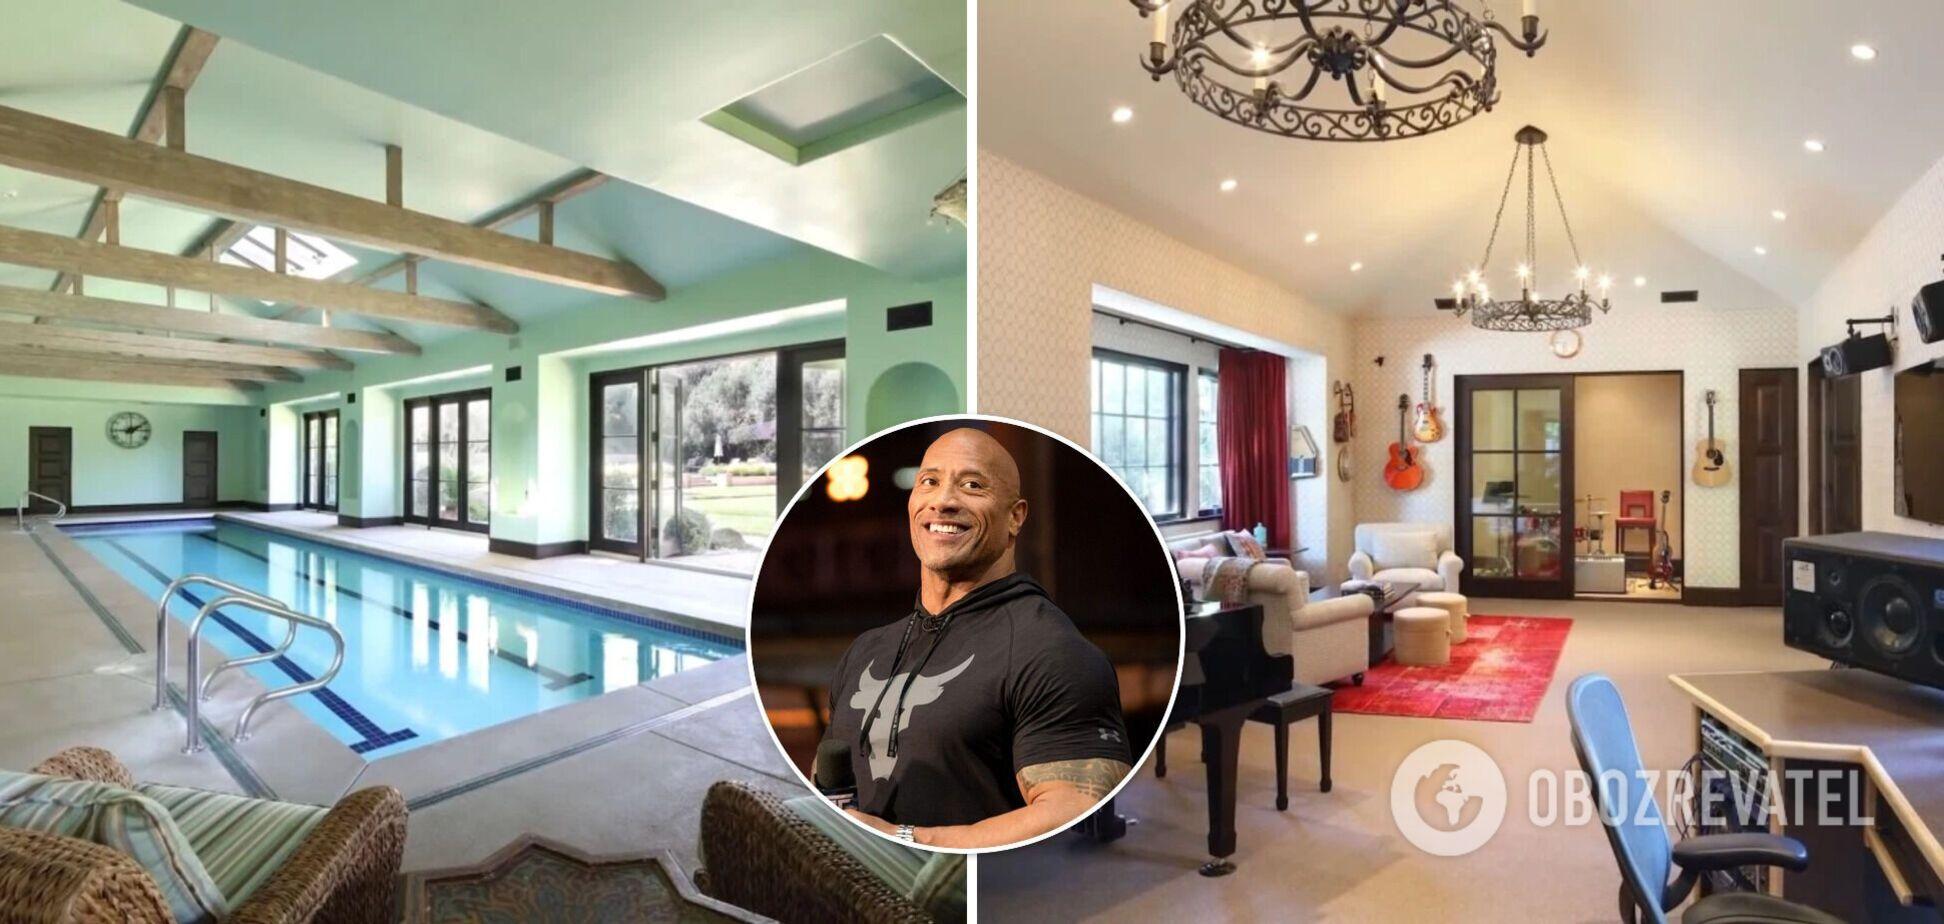 Дуейн 'Скеля' Джонсон купив маєток за 35 млн доларів: як він виглядає